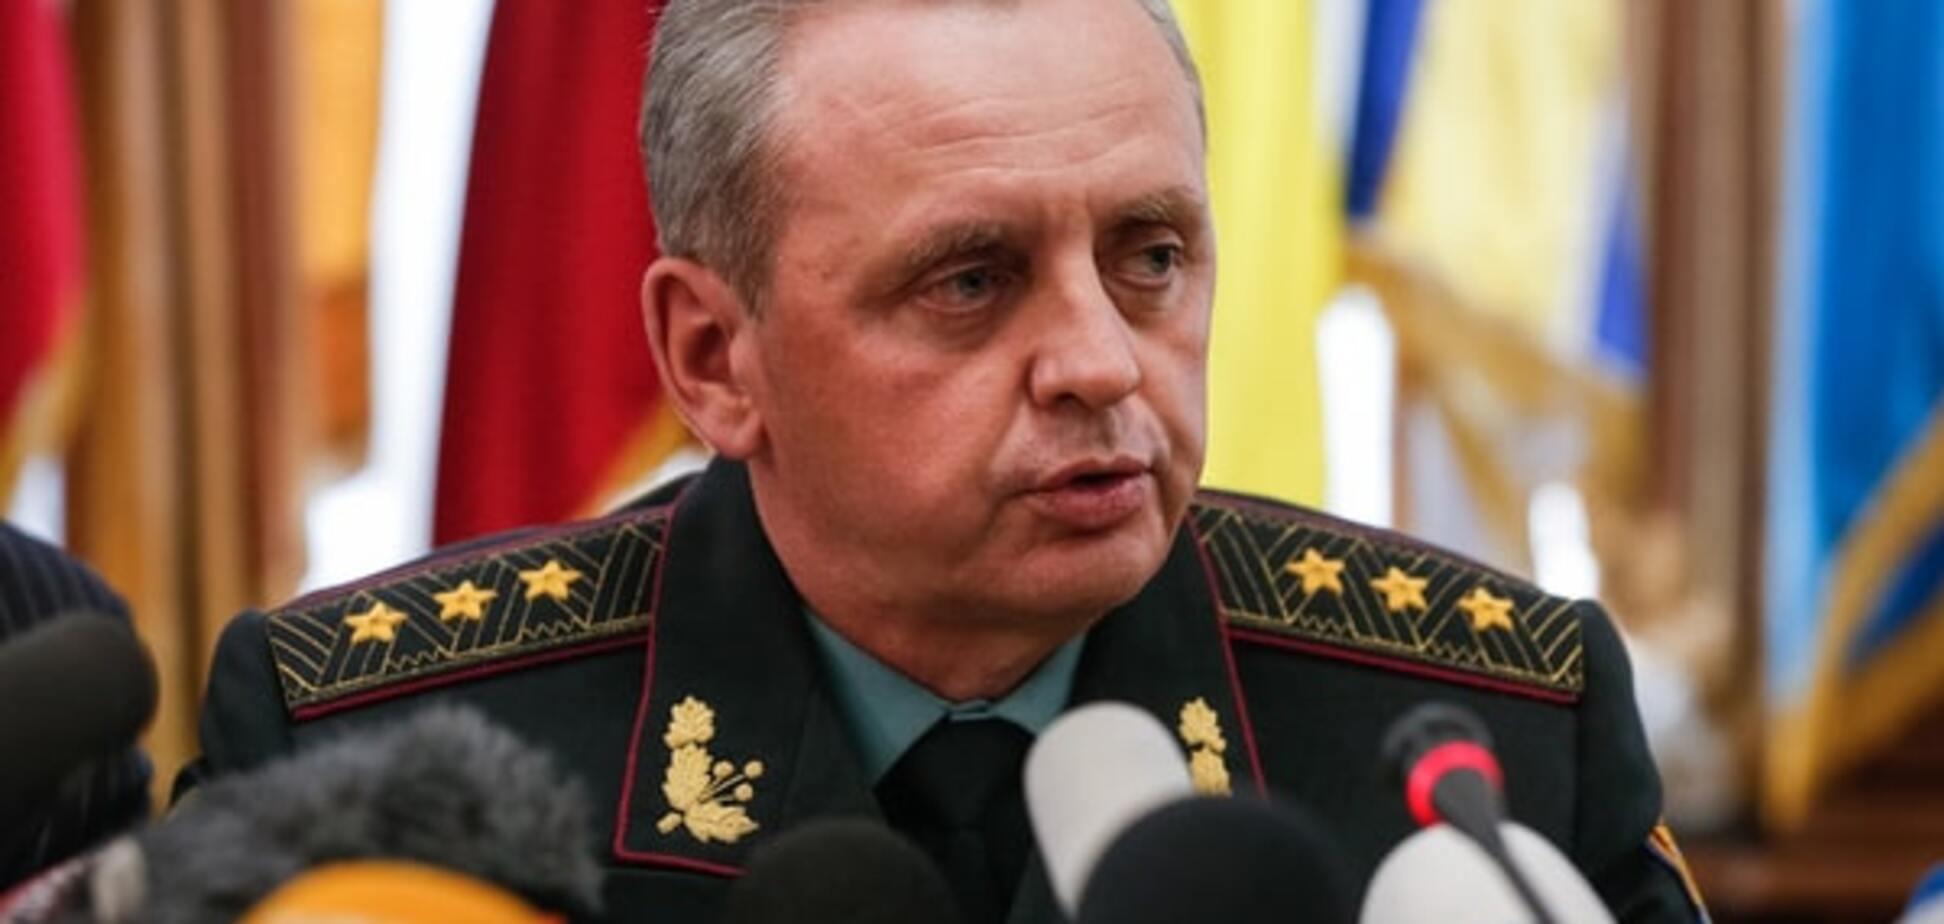 Сделал подарок России: Муженко обвинили в рассекречивании гостайны